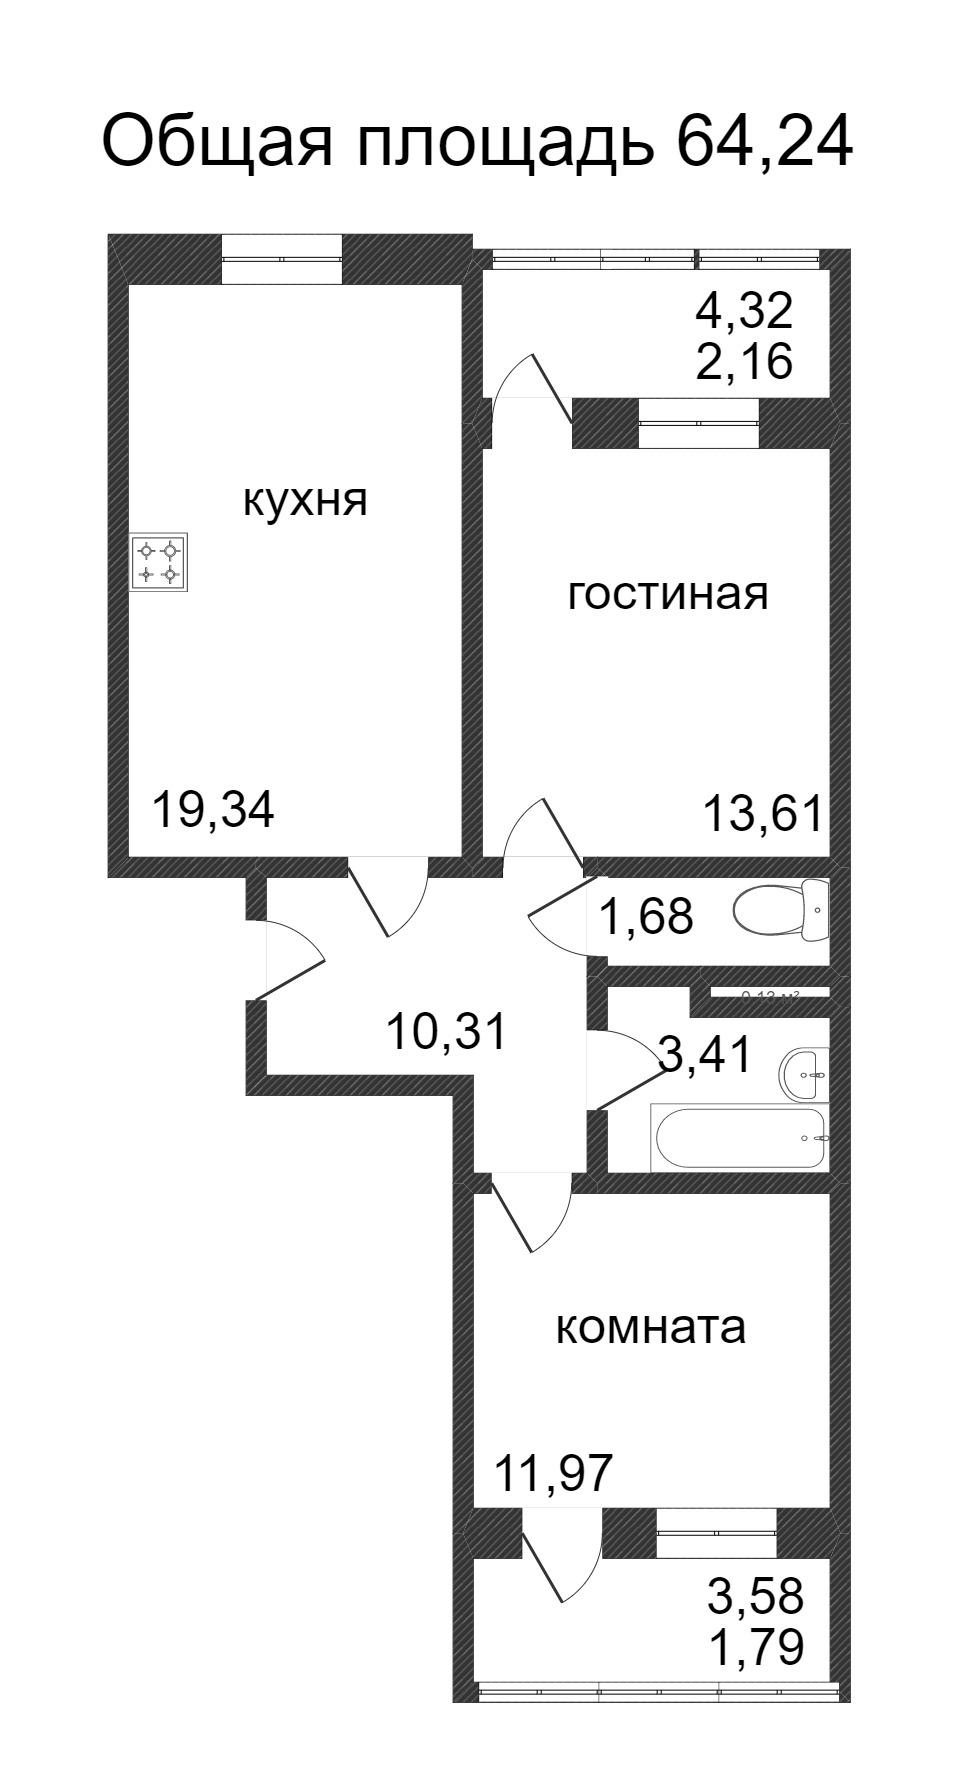 Объявление. г. Сургут, 2-комн.кв. 64.24кв.м, Ивана Захарова. Фото 3